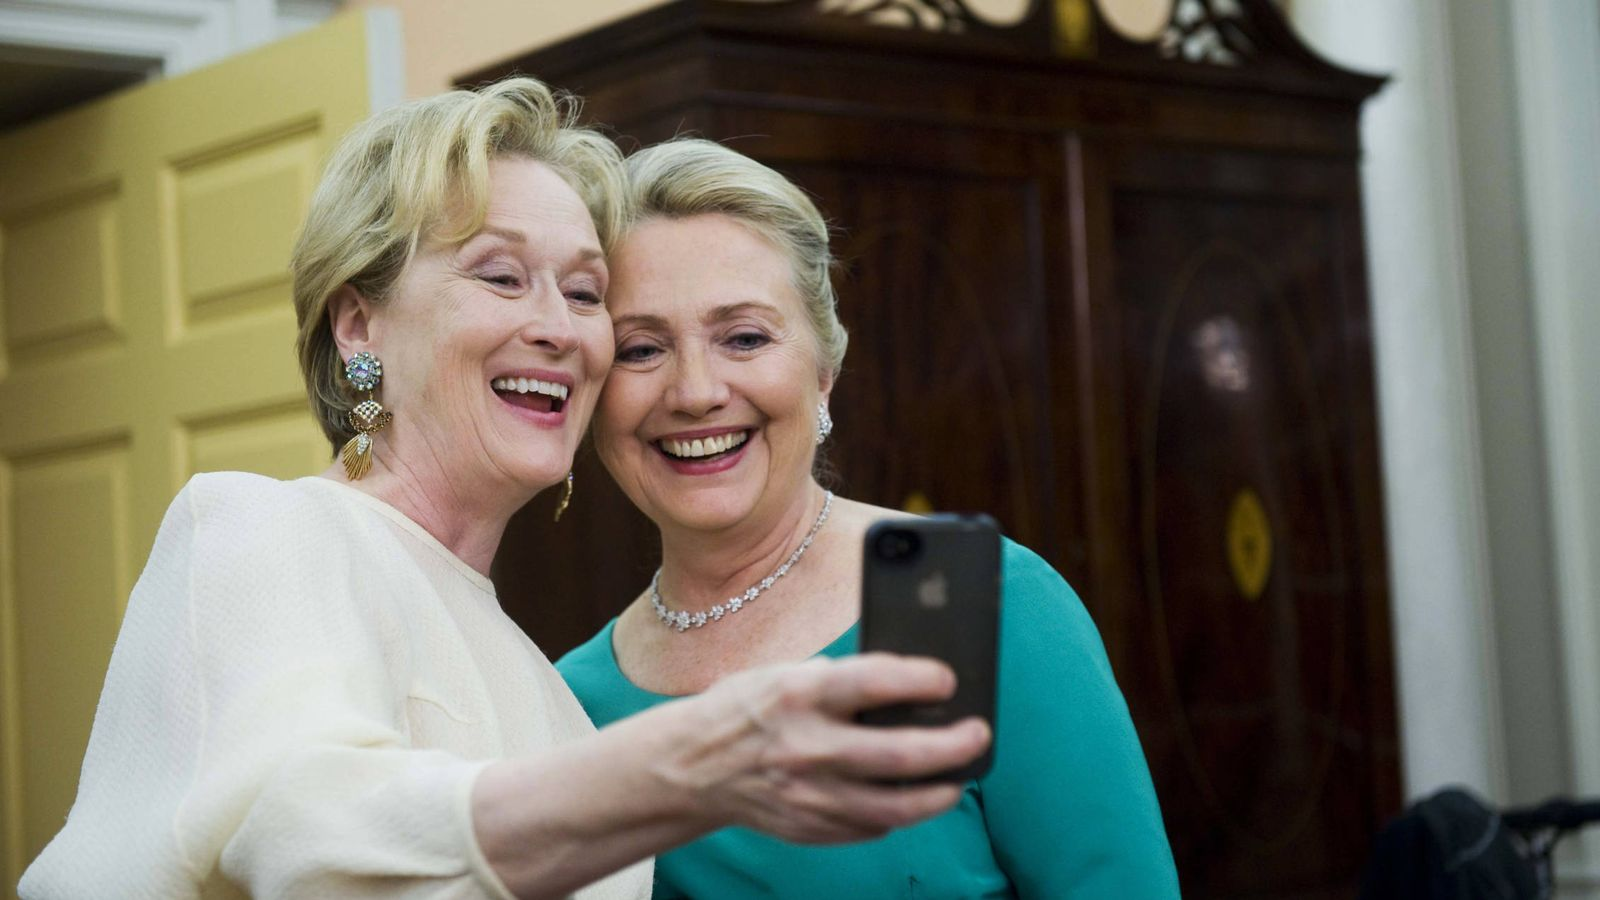 Foto: Meryl Streep y Hillary Clinton, haciéndose un selfi. (Gtres)